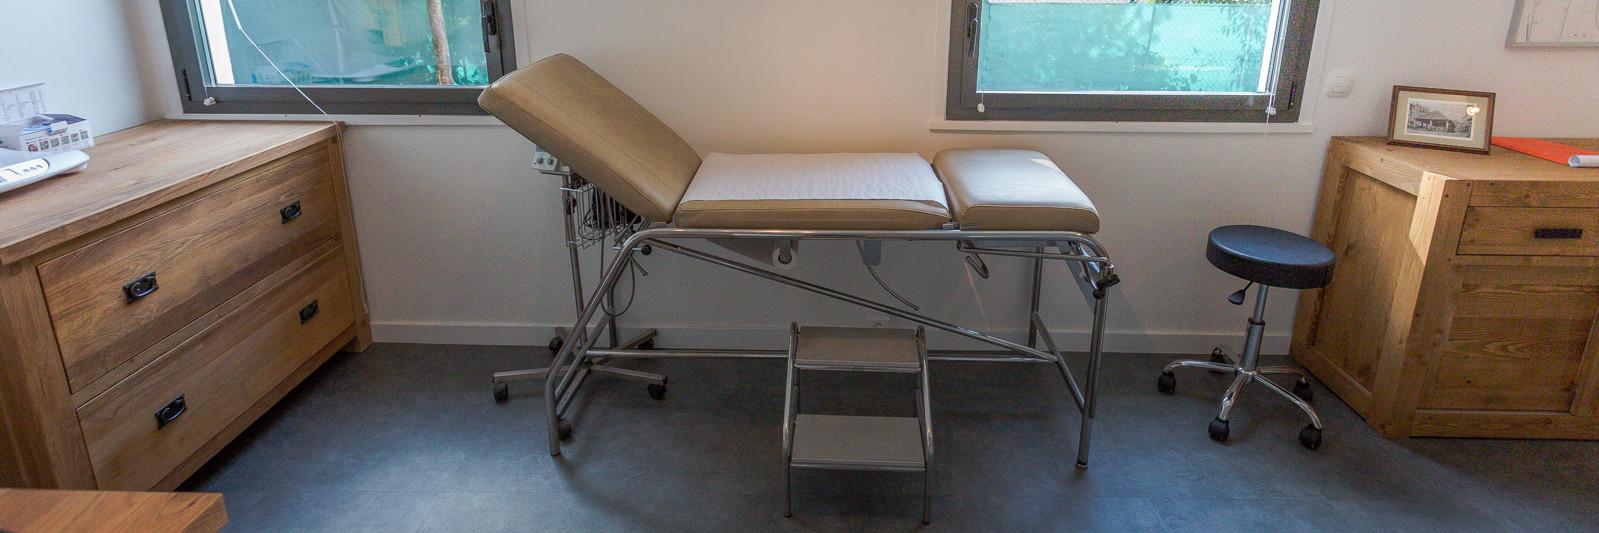 Groupe médical Ovalie à Montpellier - Salle d'auscultation